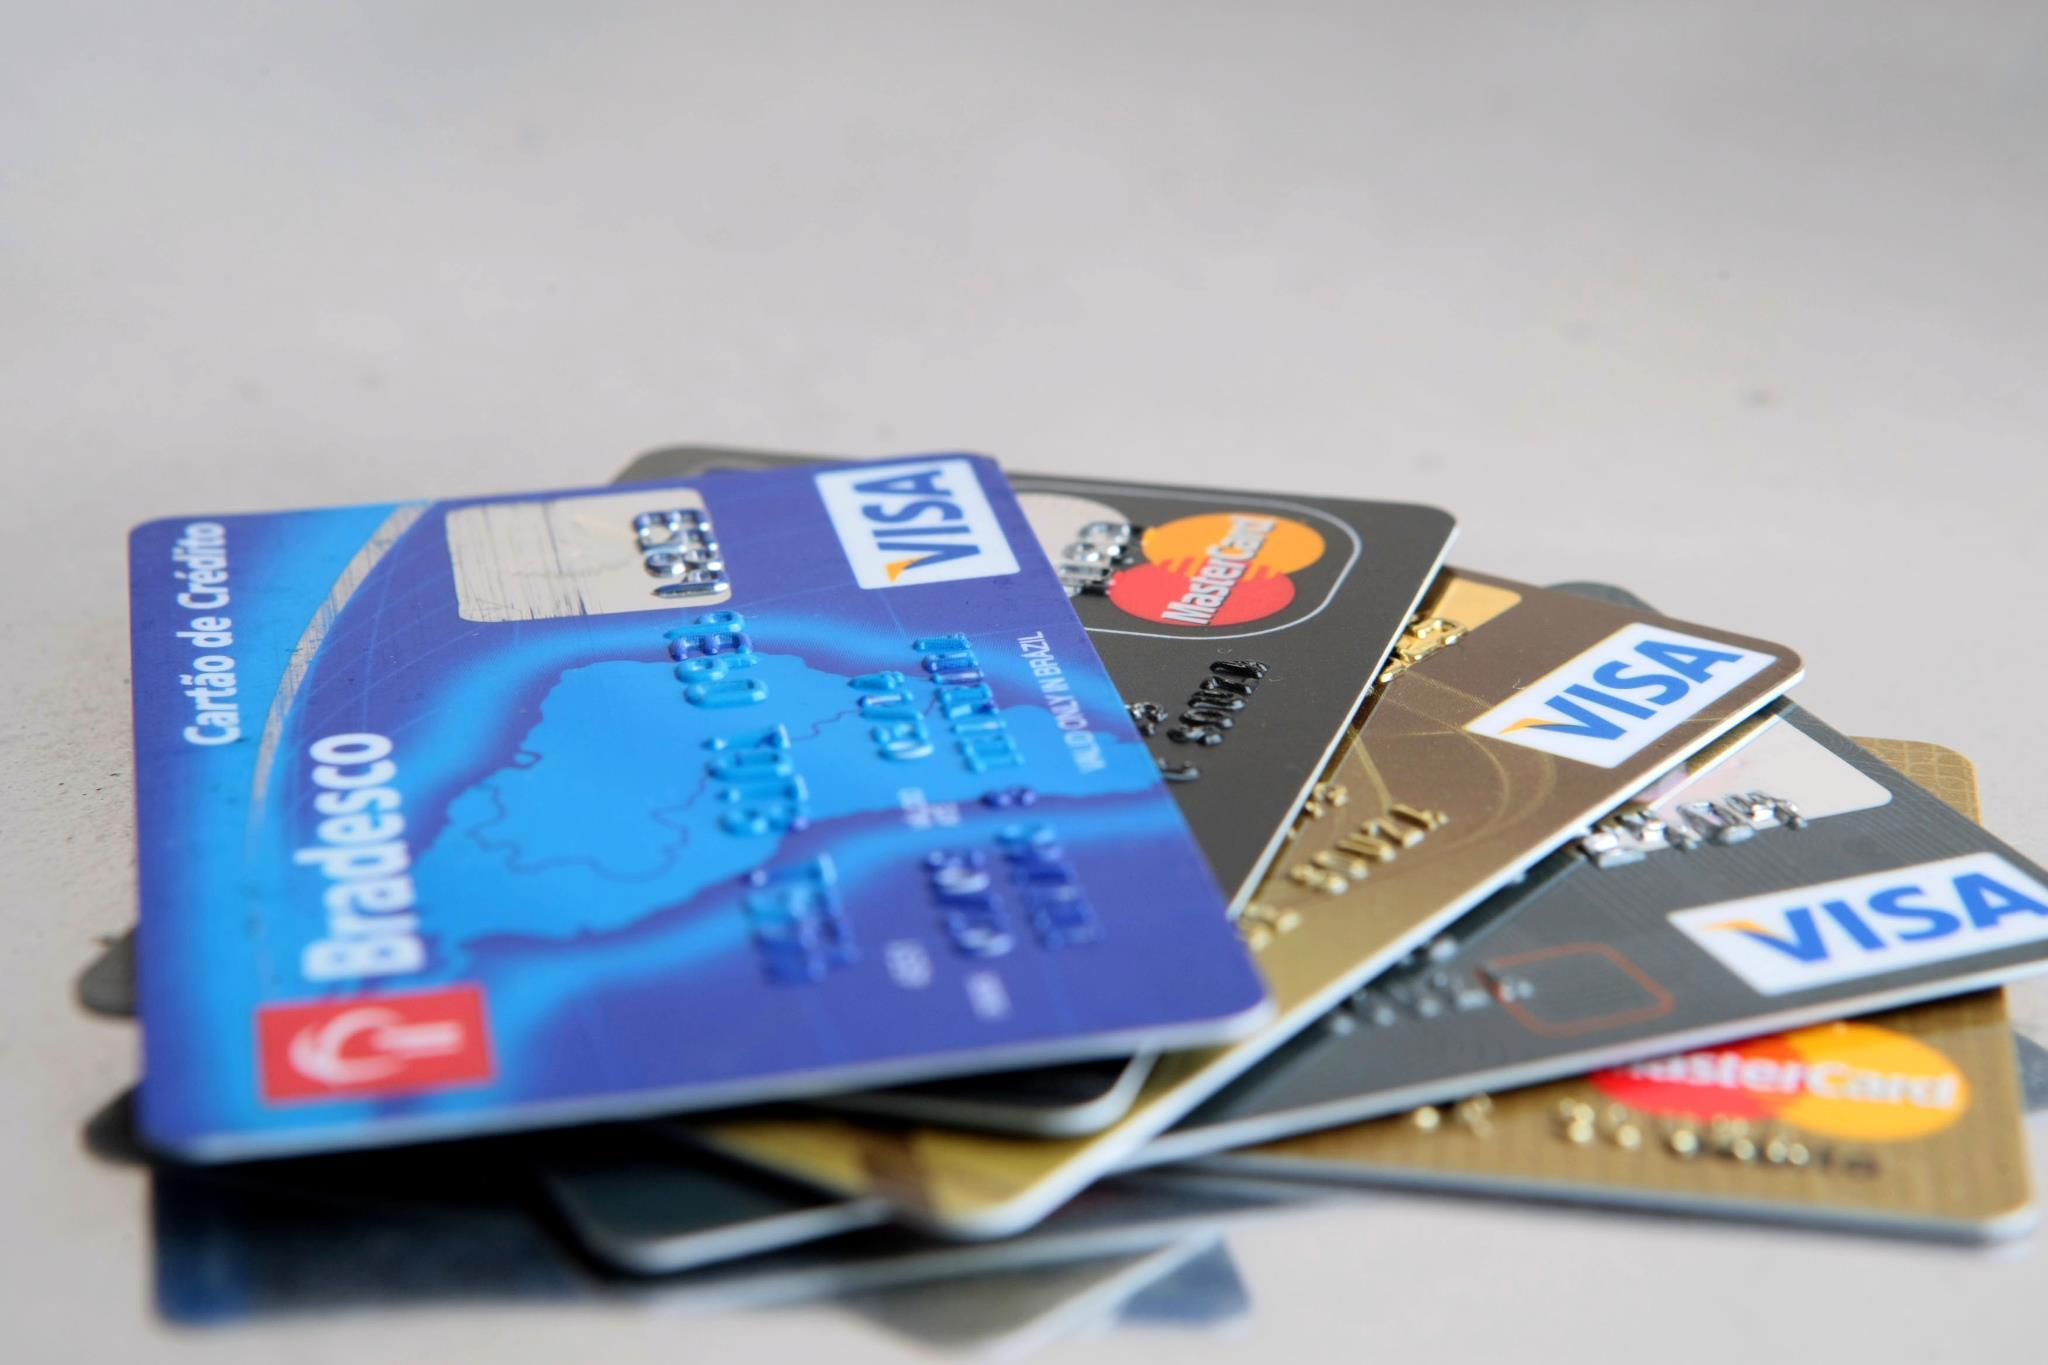 Projeto de lei pretende vetar exigência de valor mínimo para compras com cartão no comércio goiano